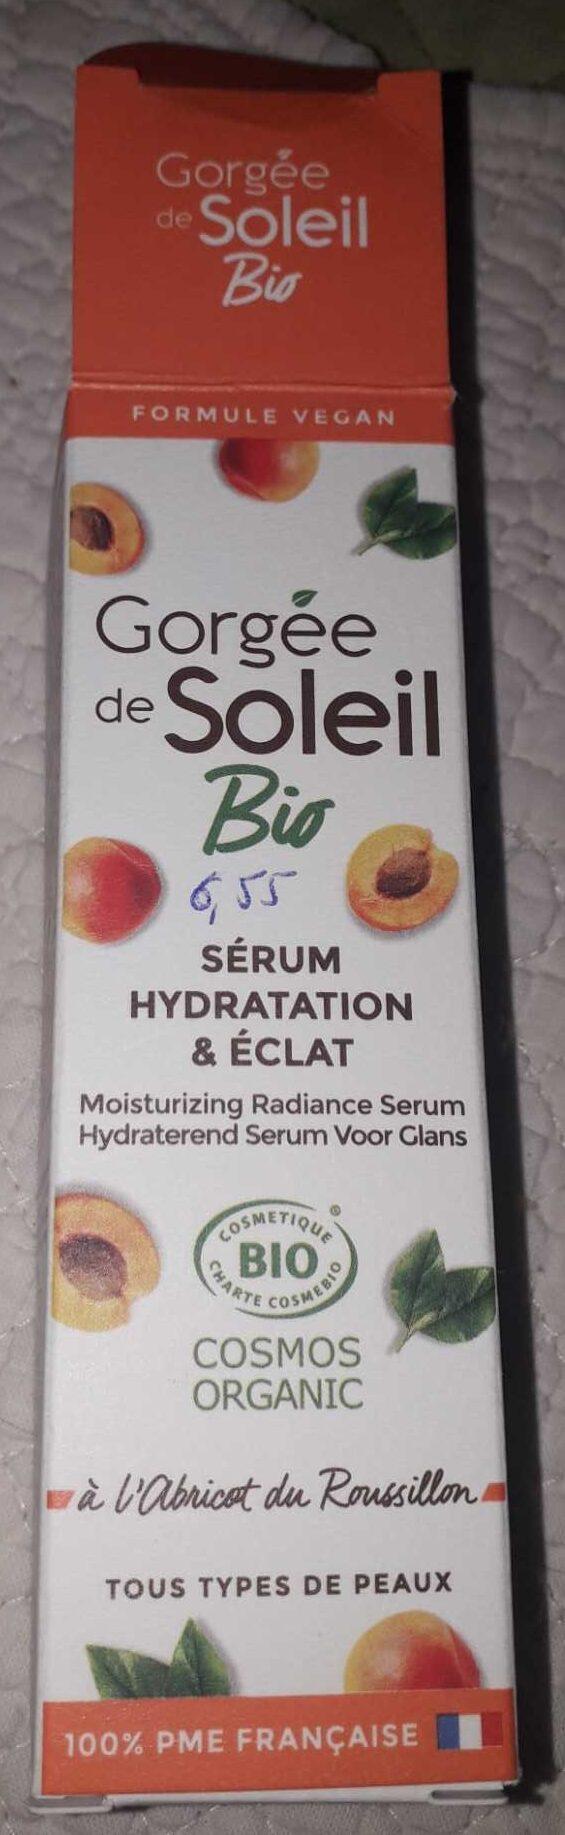 sérum hydratation - Product - fr